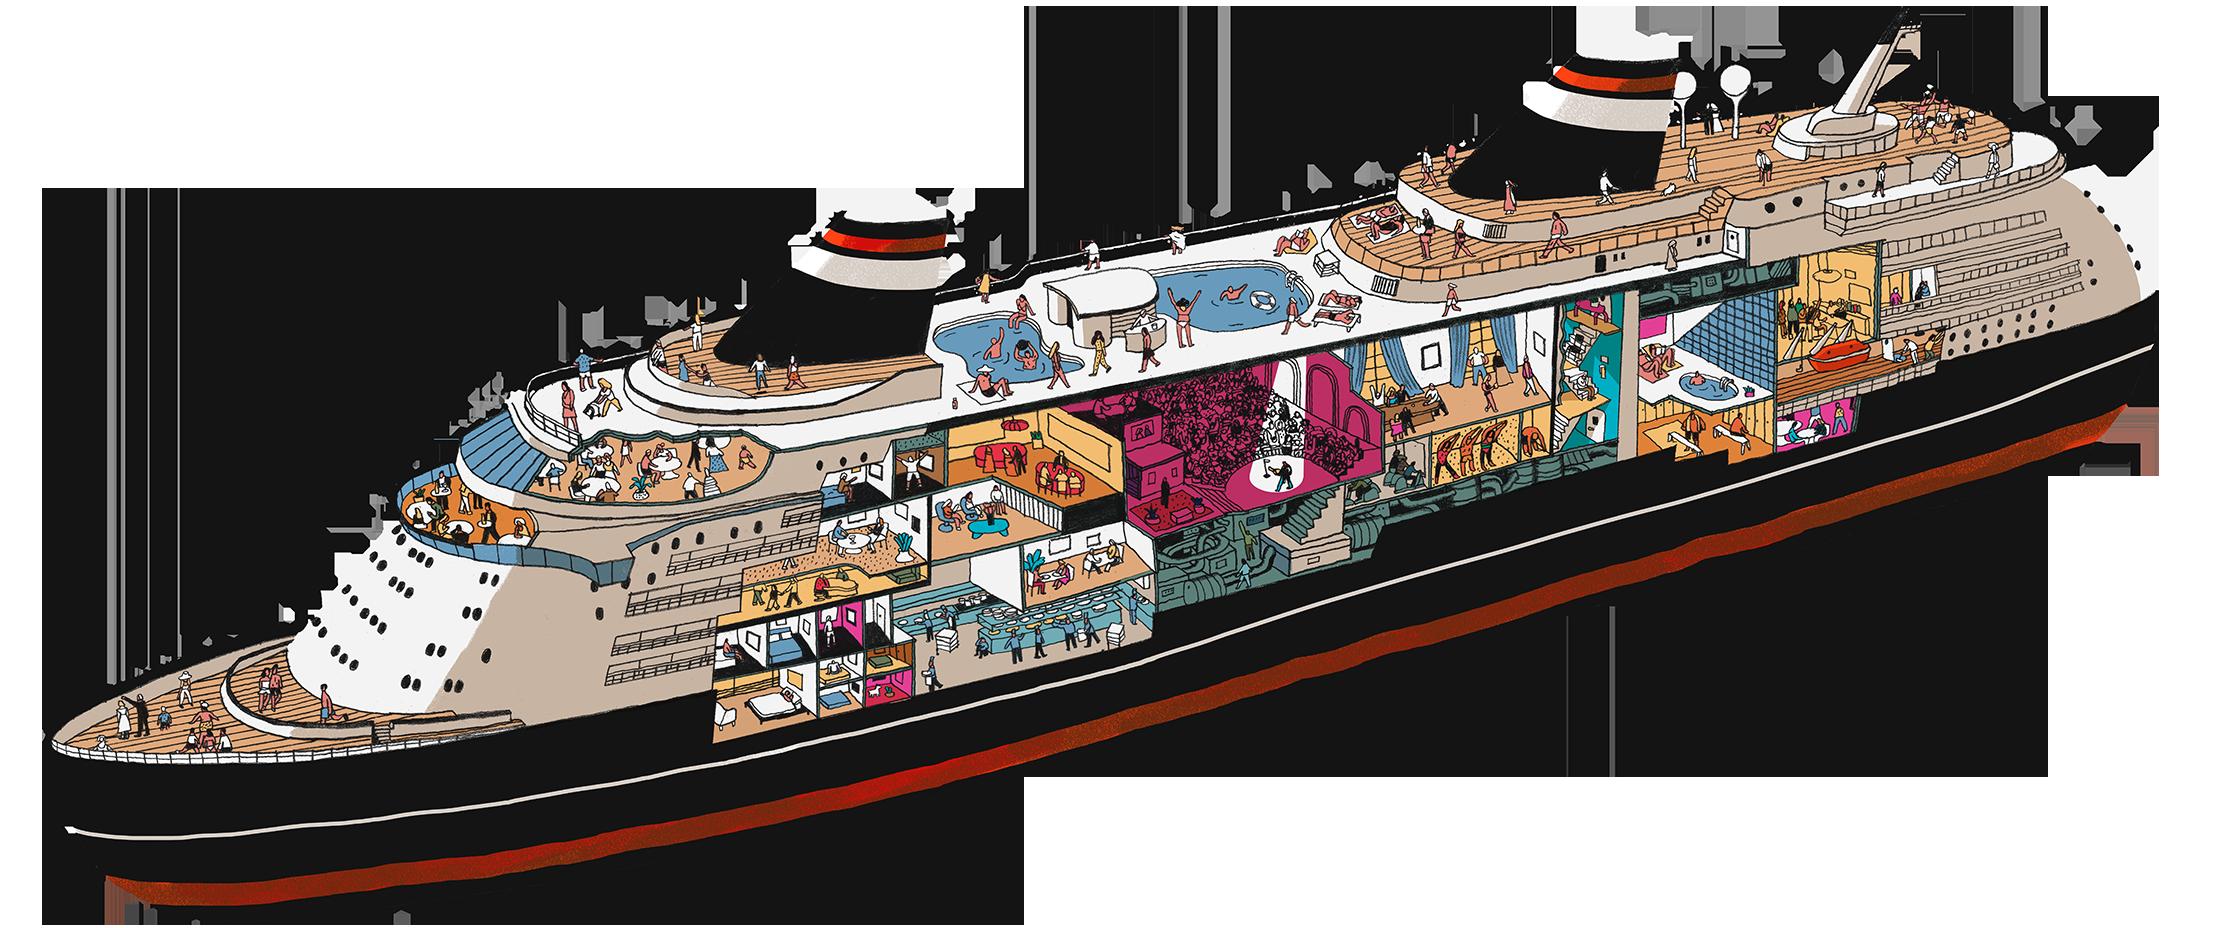 Explorer clipart magellan ship. Cruise control